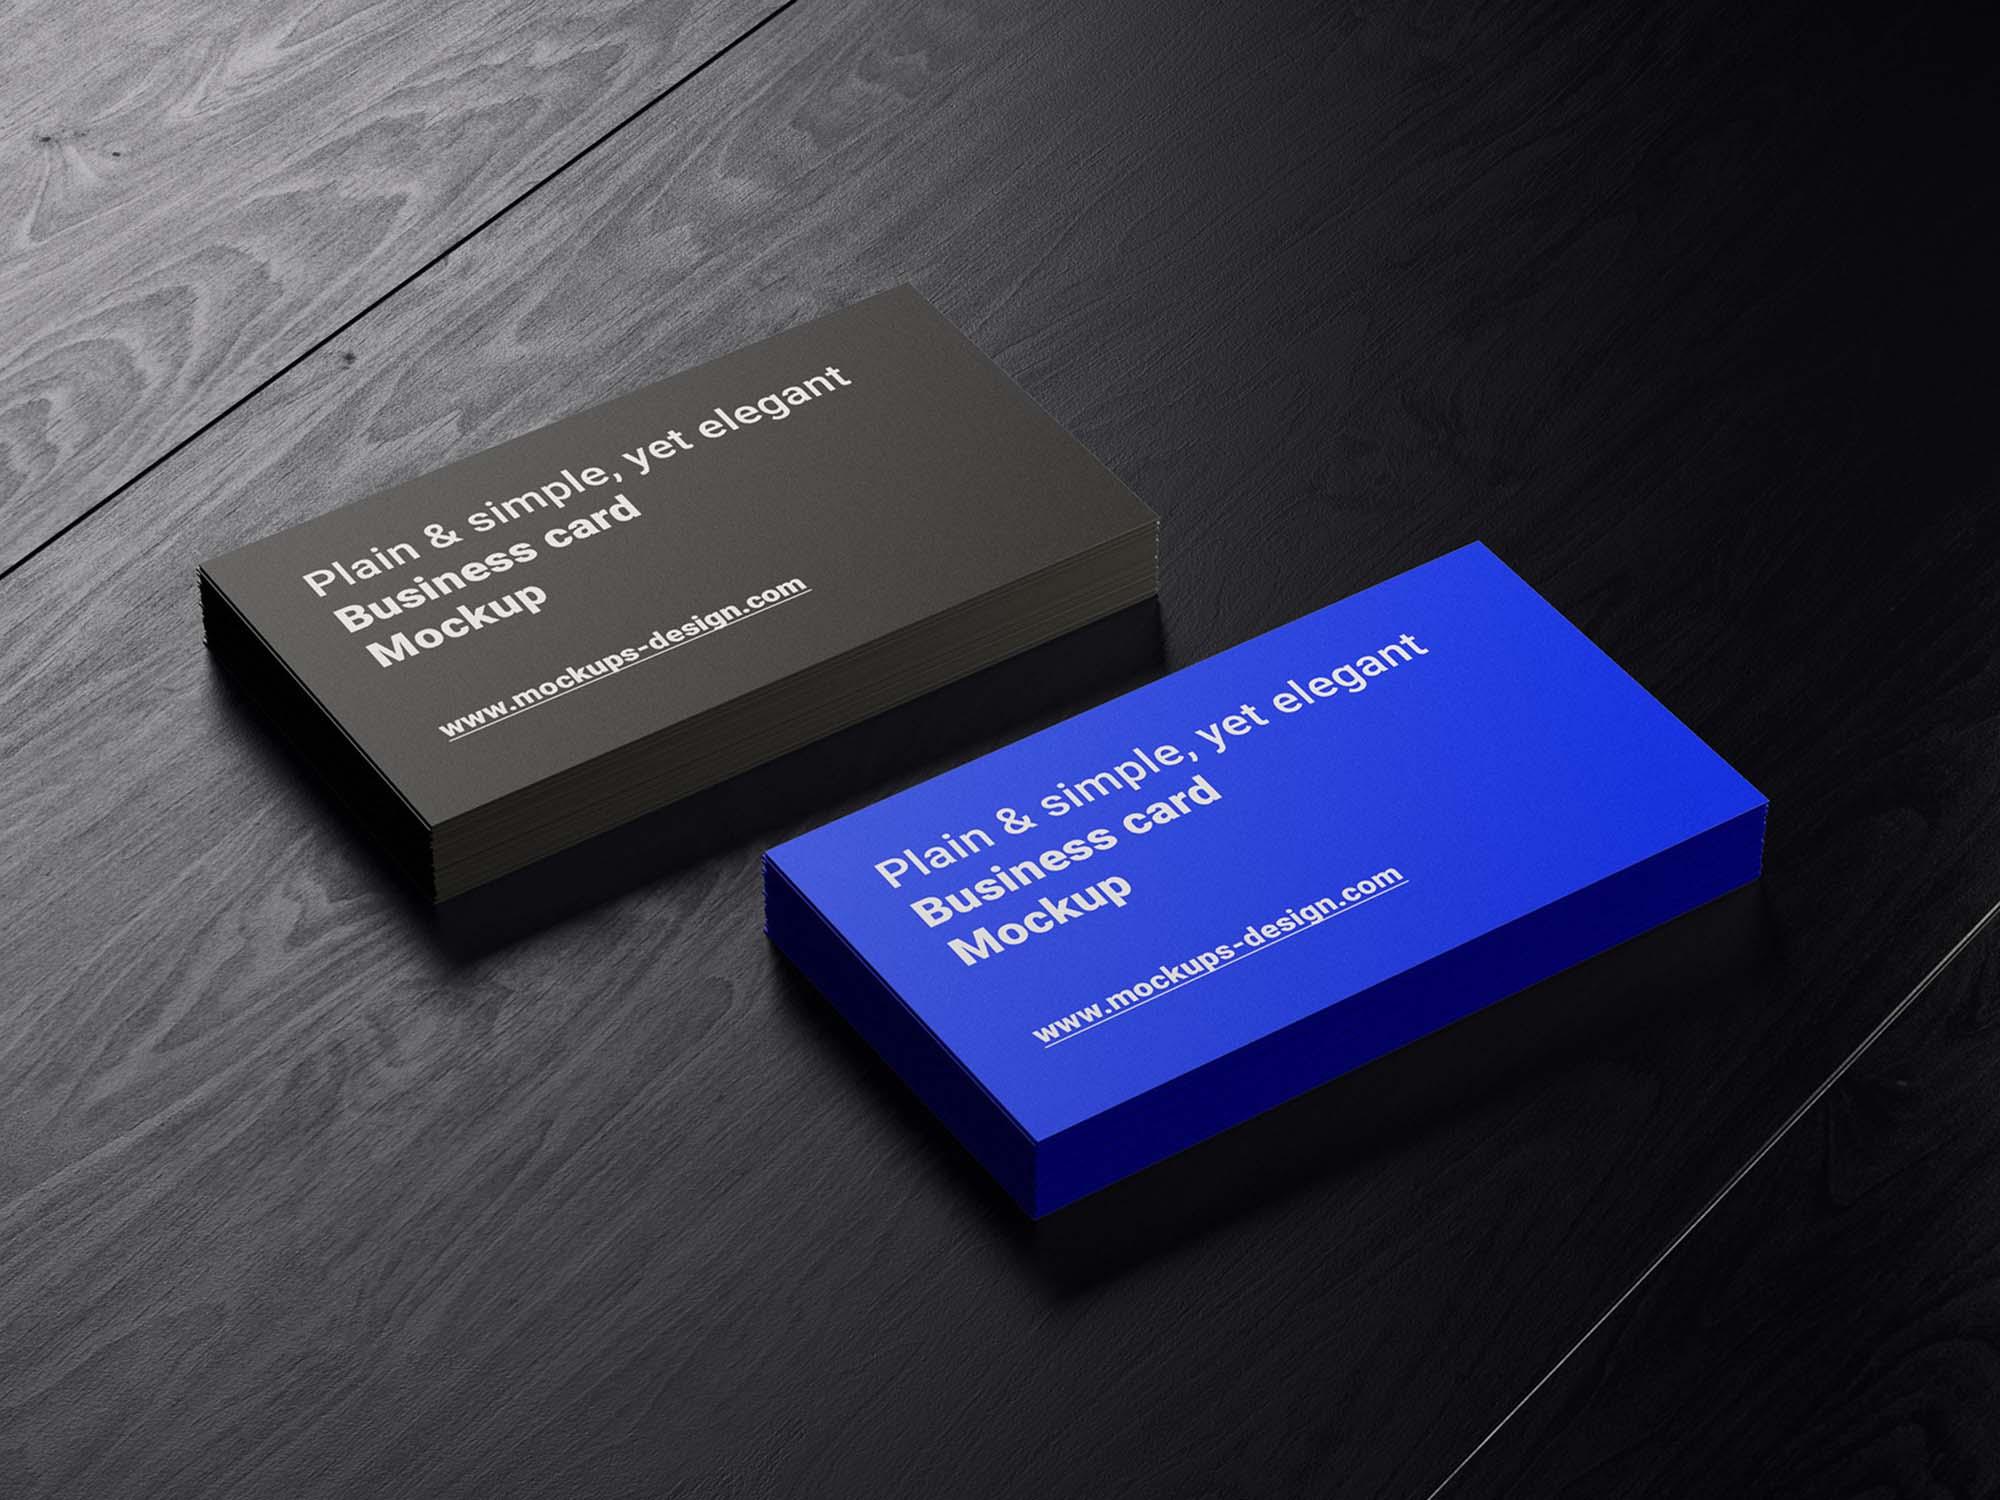 Business Cards in Holder Mockup 3